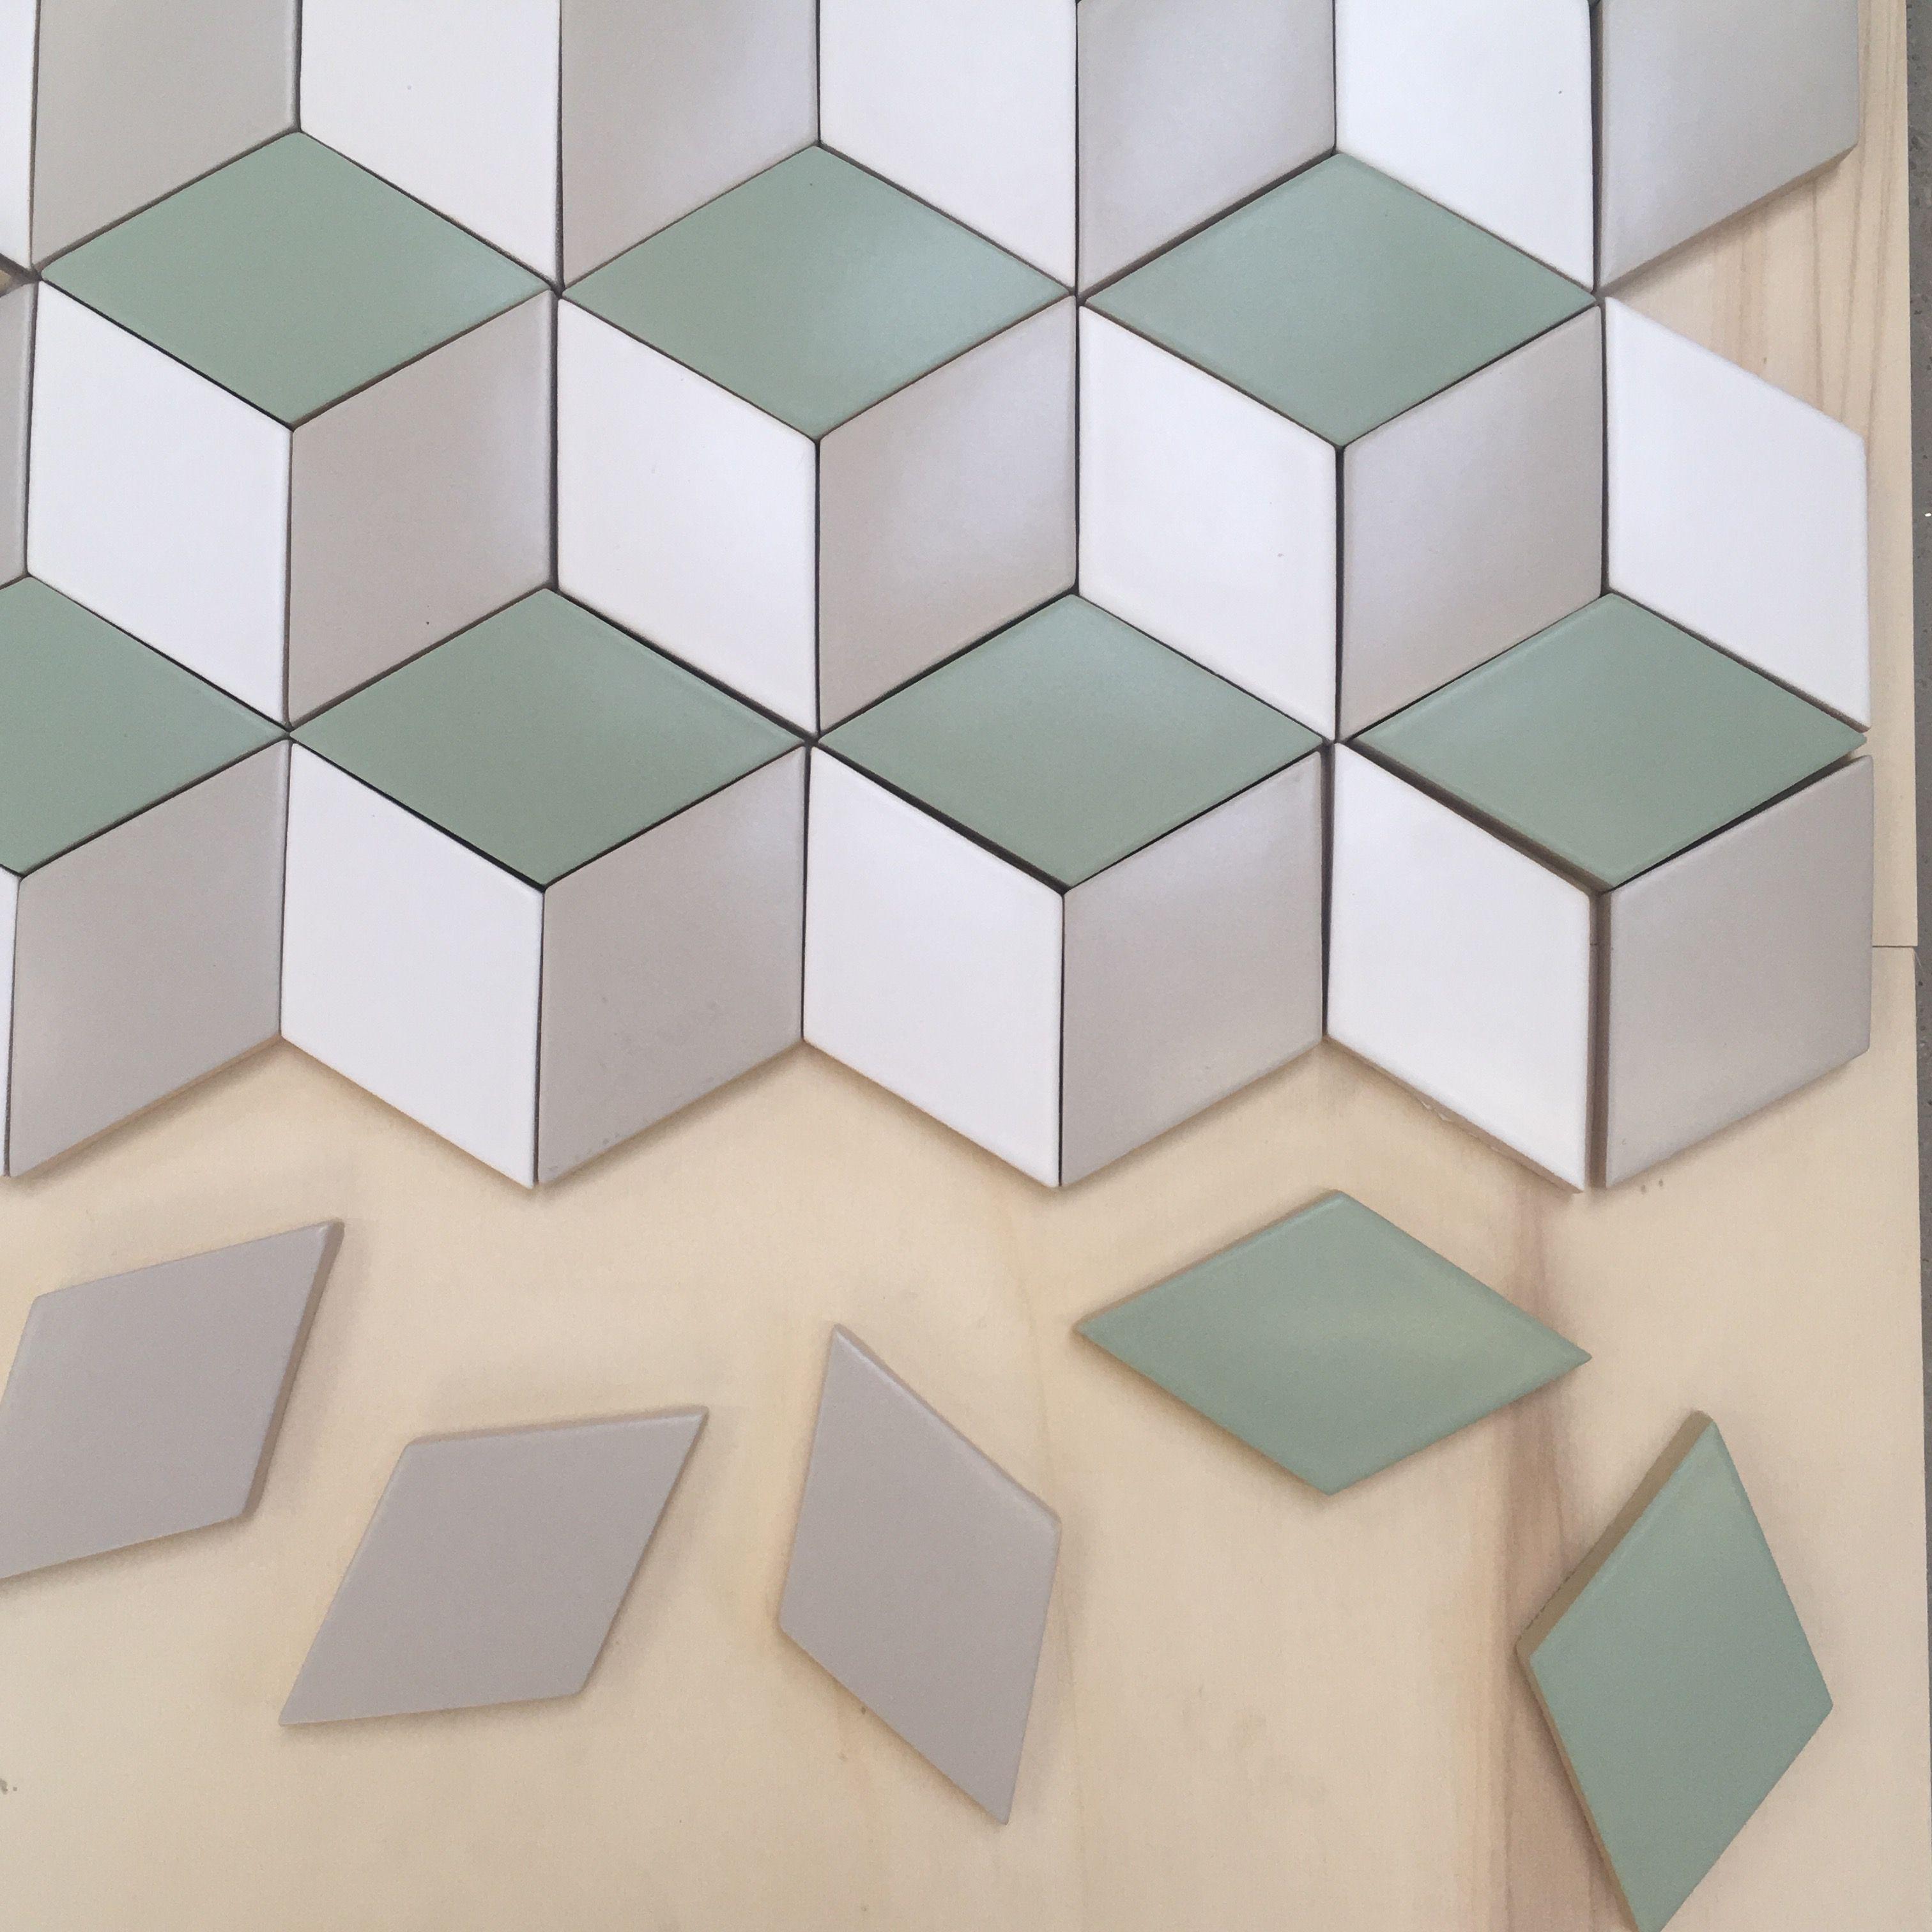 Carreaux Petits Losanges X Normandy Ceramics Coulage Carrelages Geometriques Decoration Murale 3d Motifs Muraux